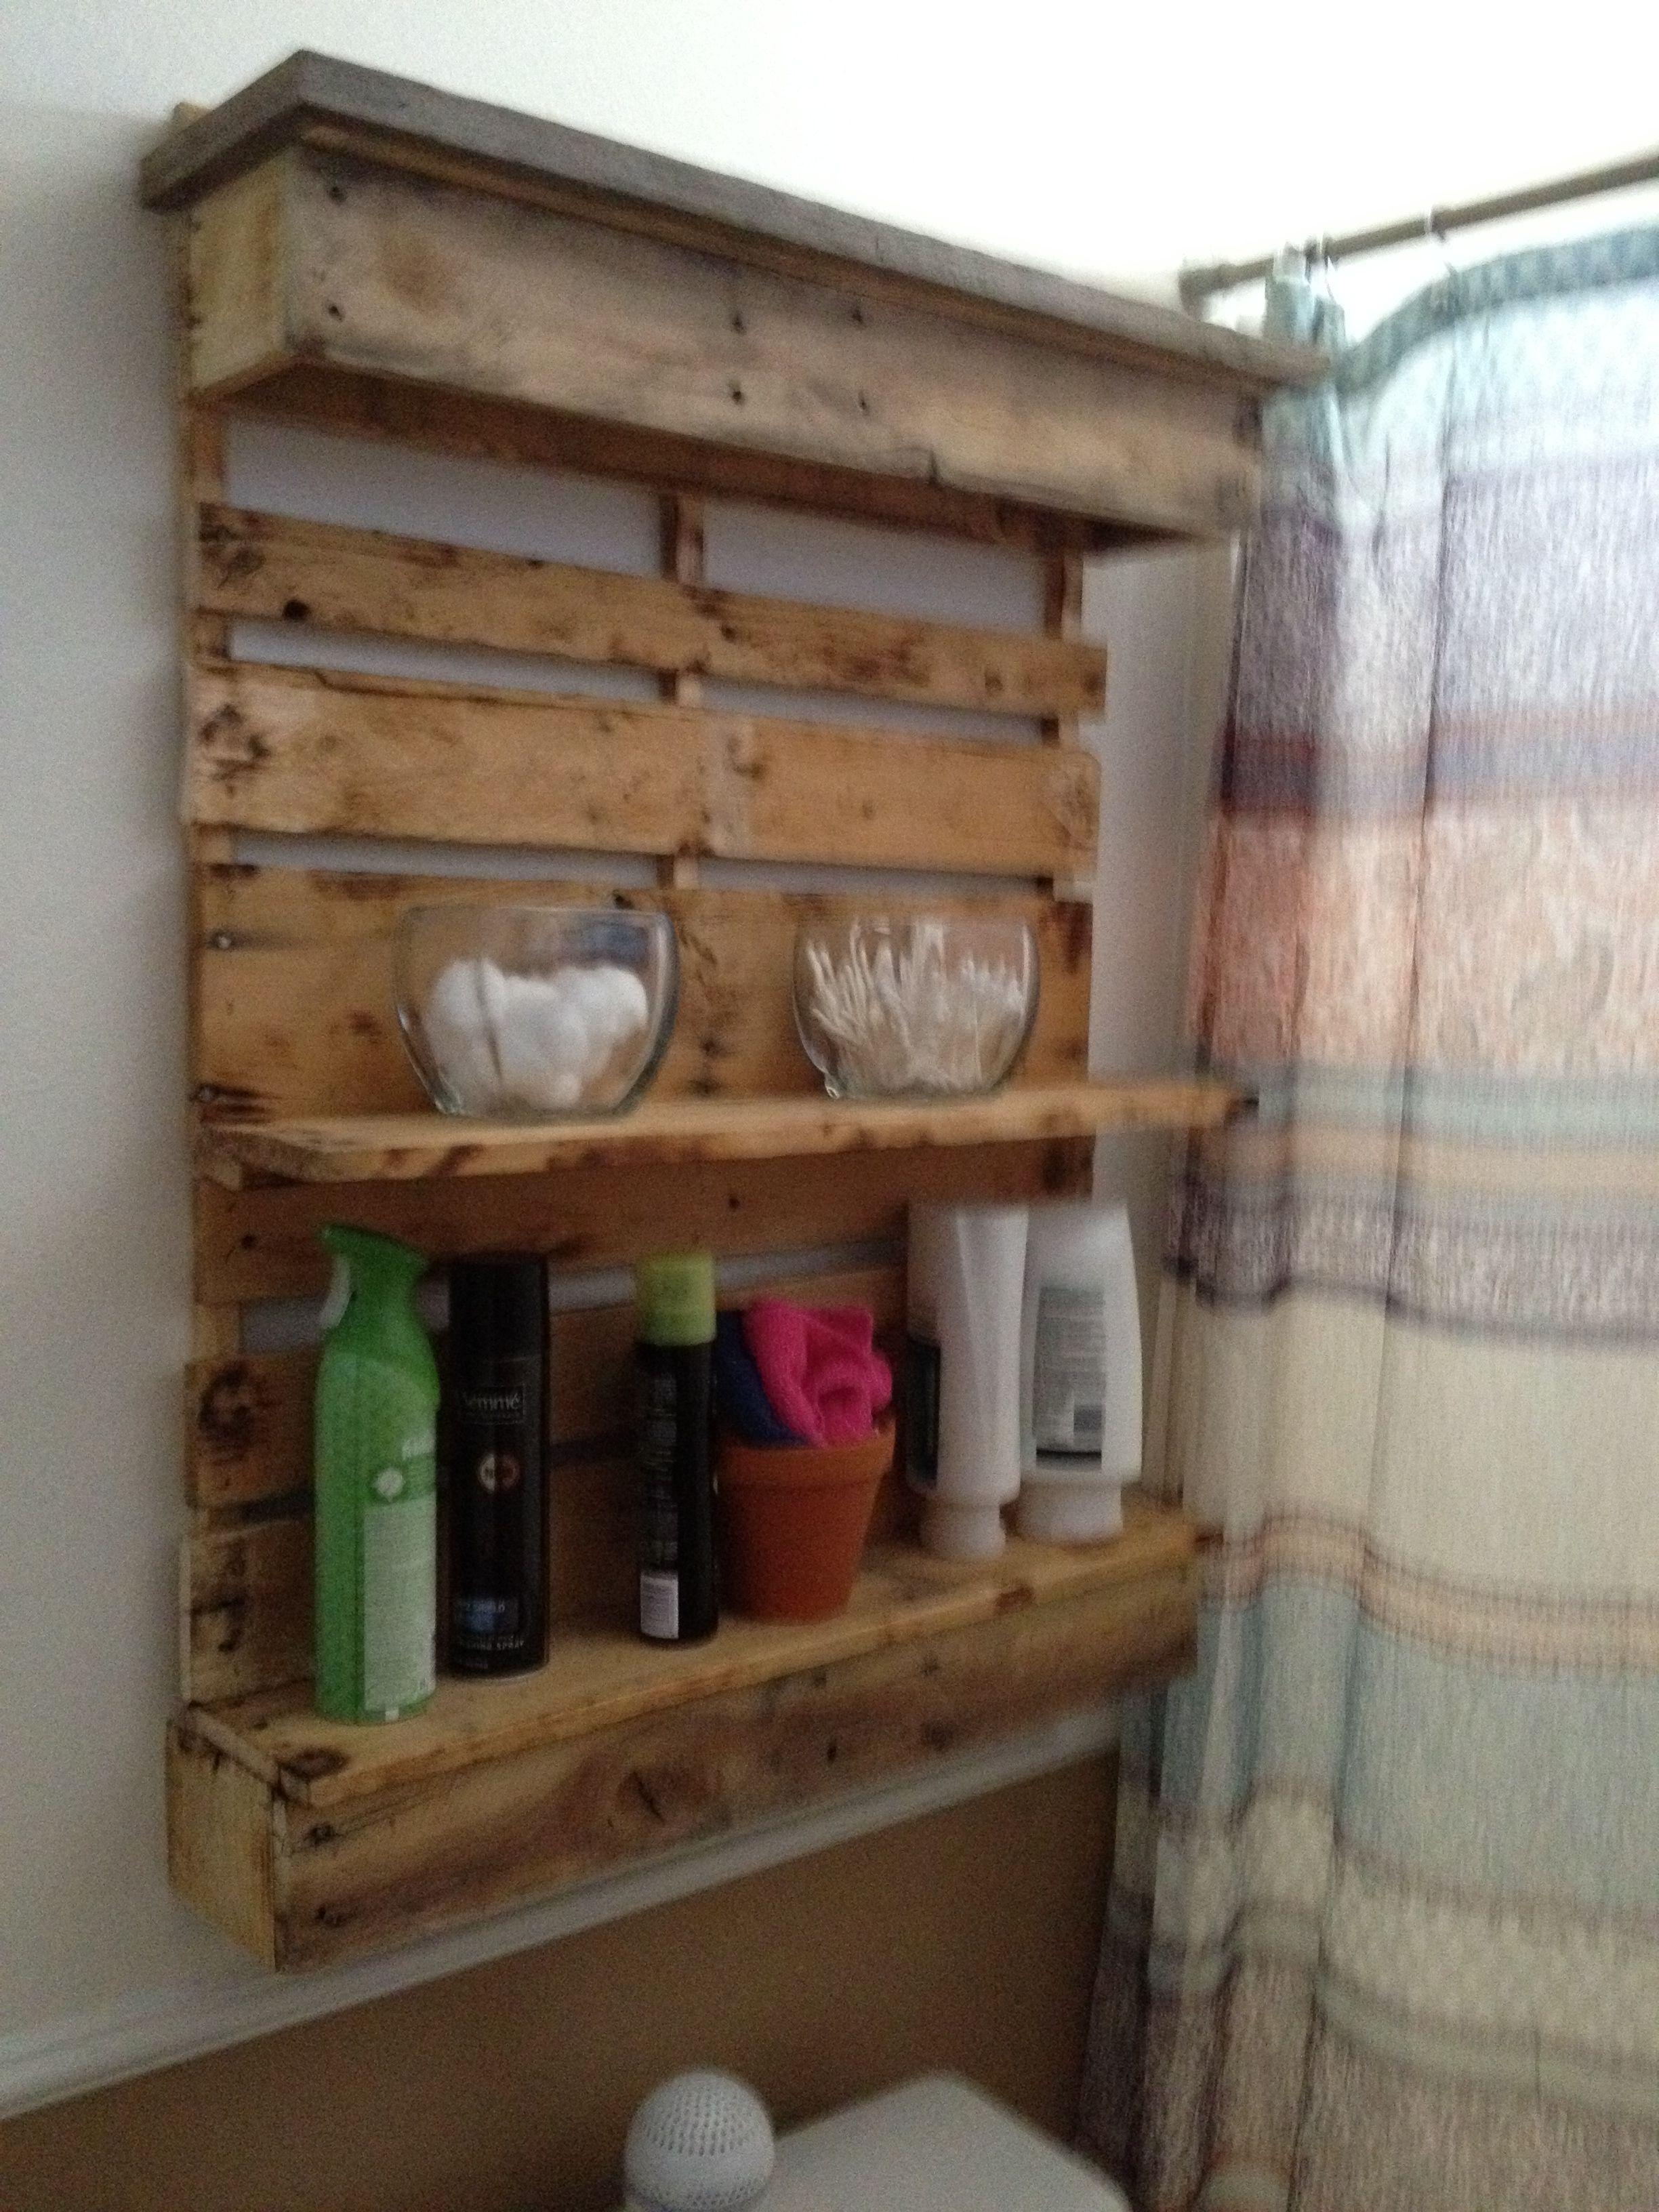 Bathroom Shelf I Pallets Pallet Bathroom Pallet